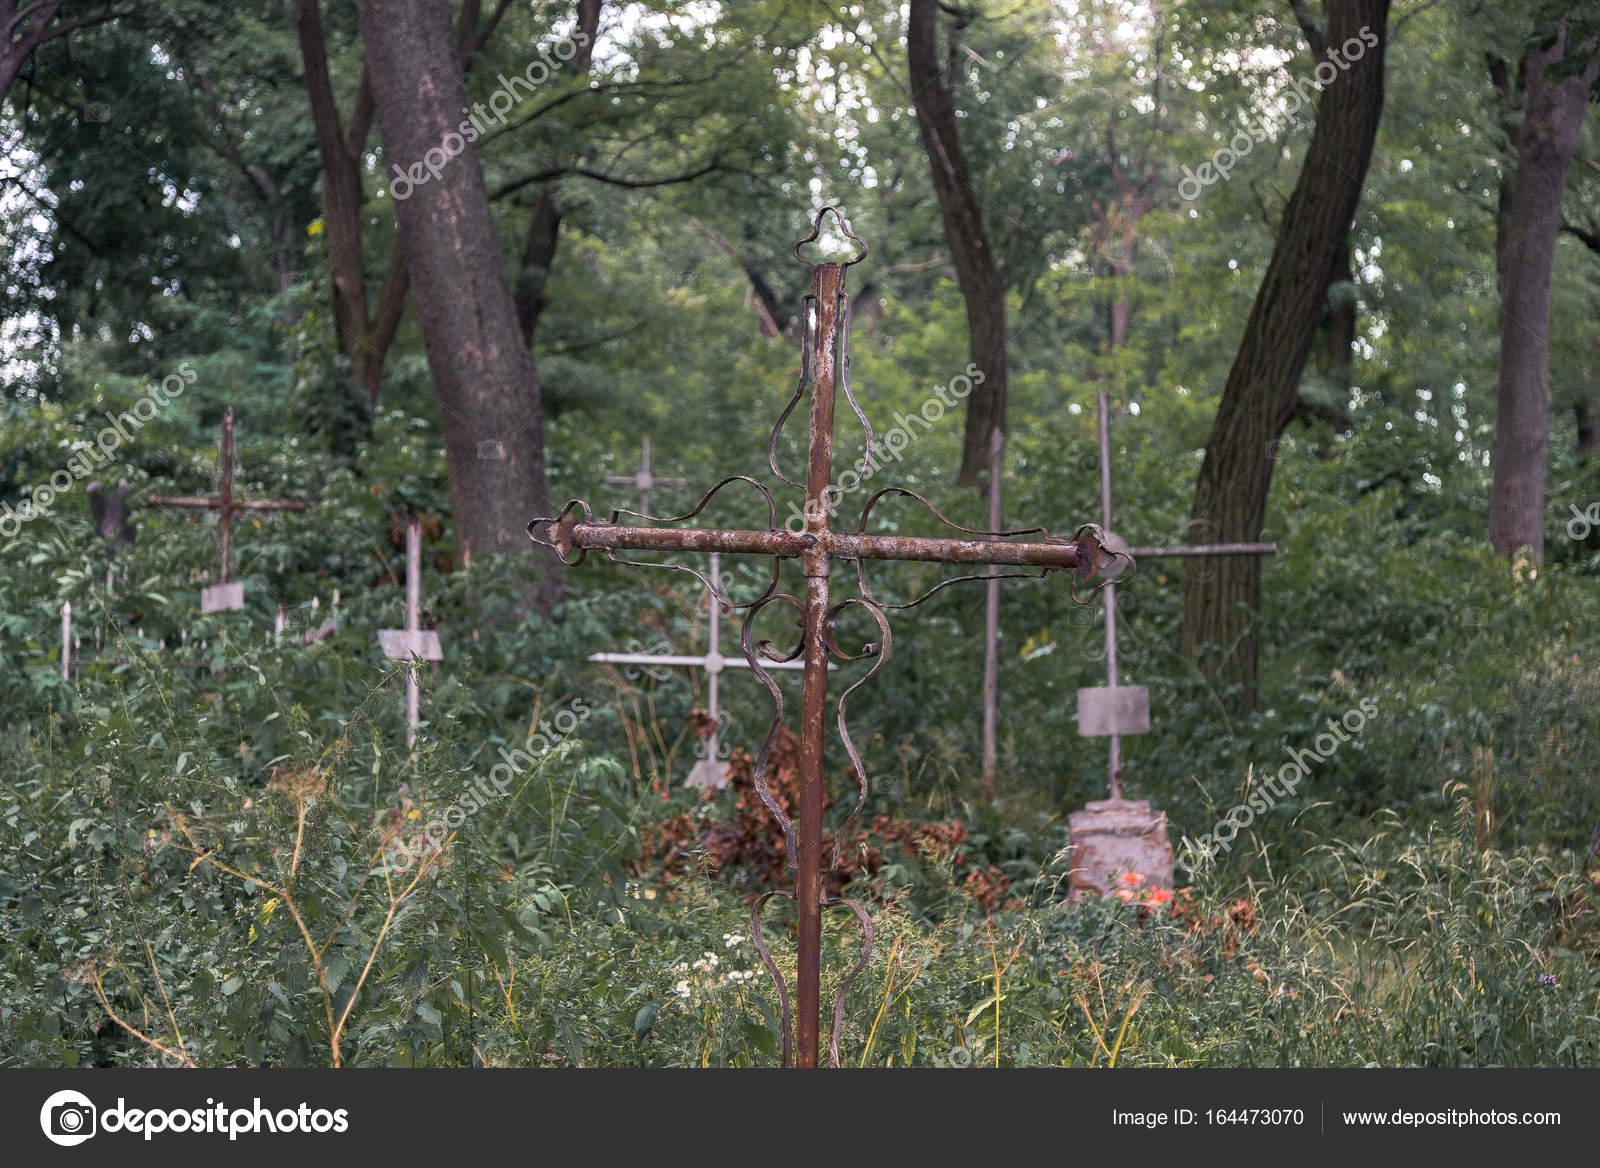 Un cimetière du XIXème siècle découvert dans un bois Depositphotos_164473070-stock-photo-abandoned-cemetery-ancient-crosses